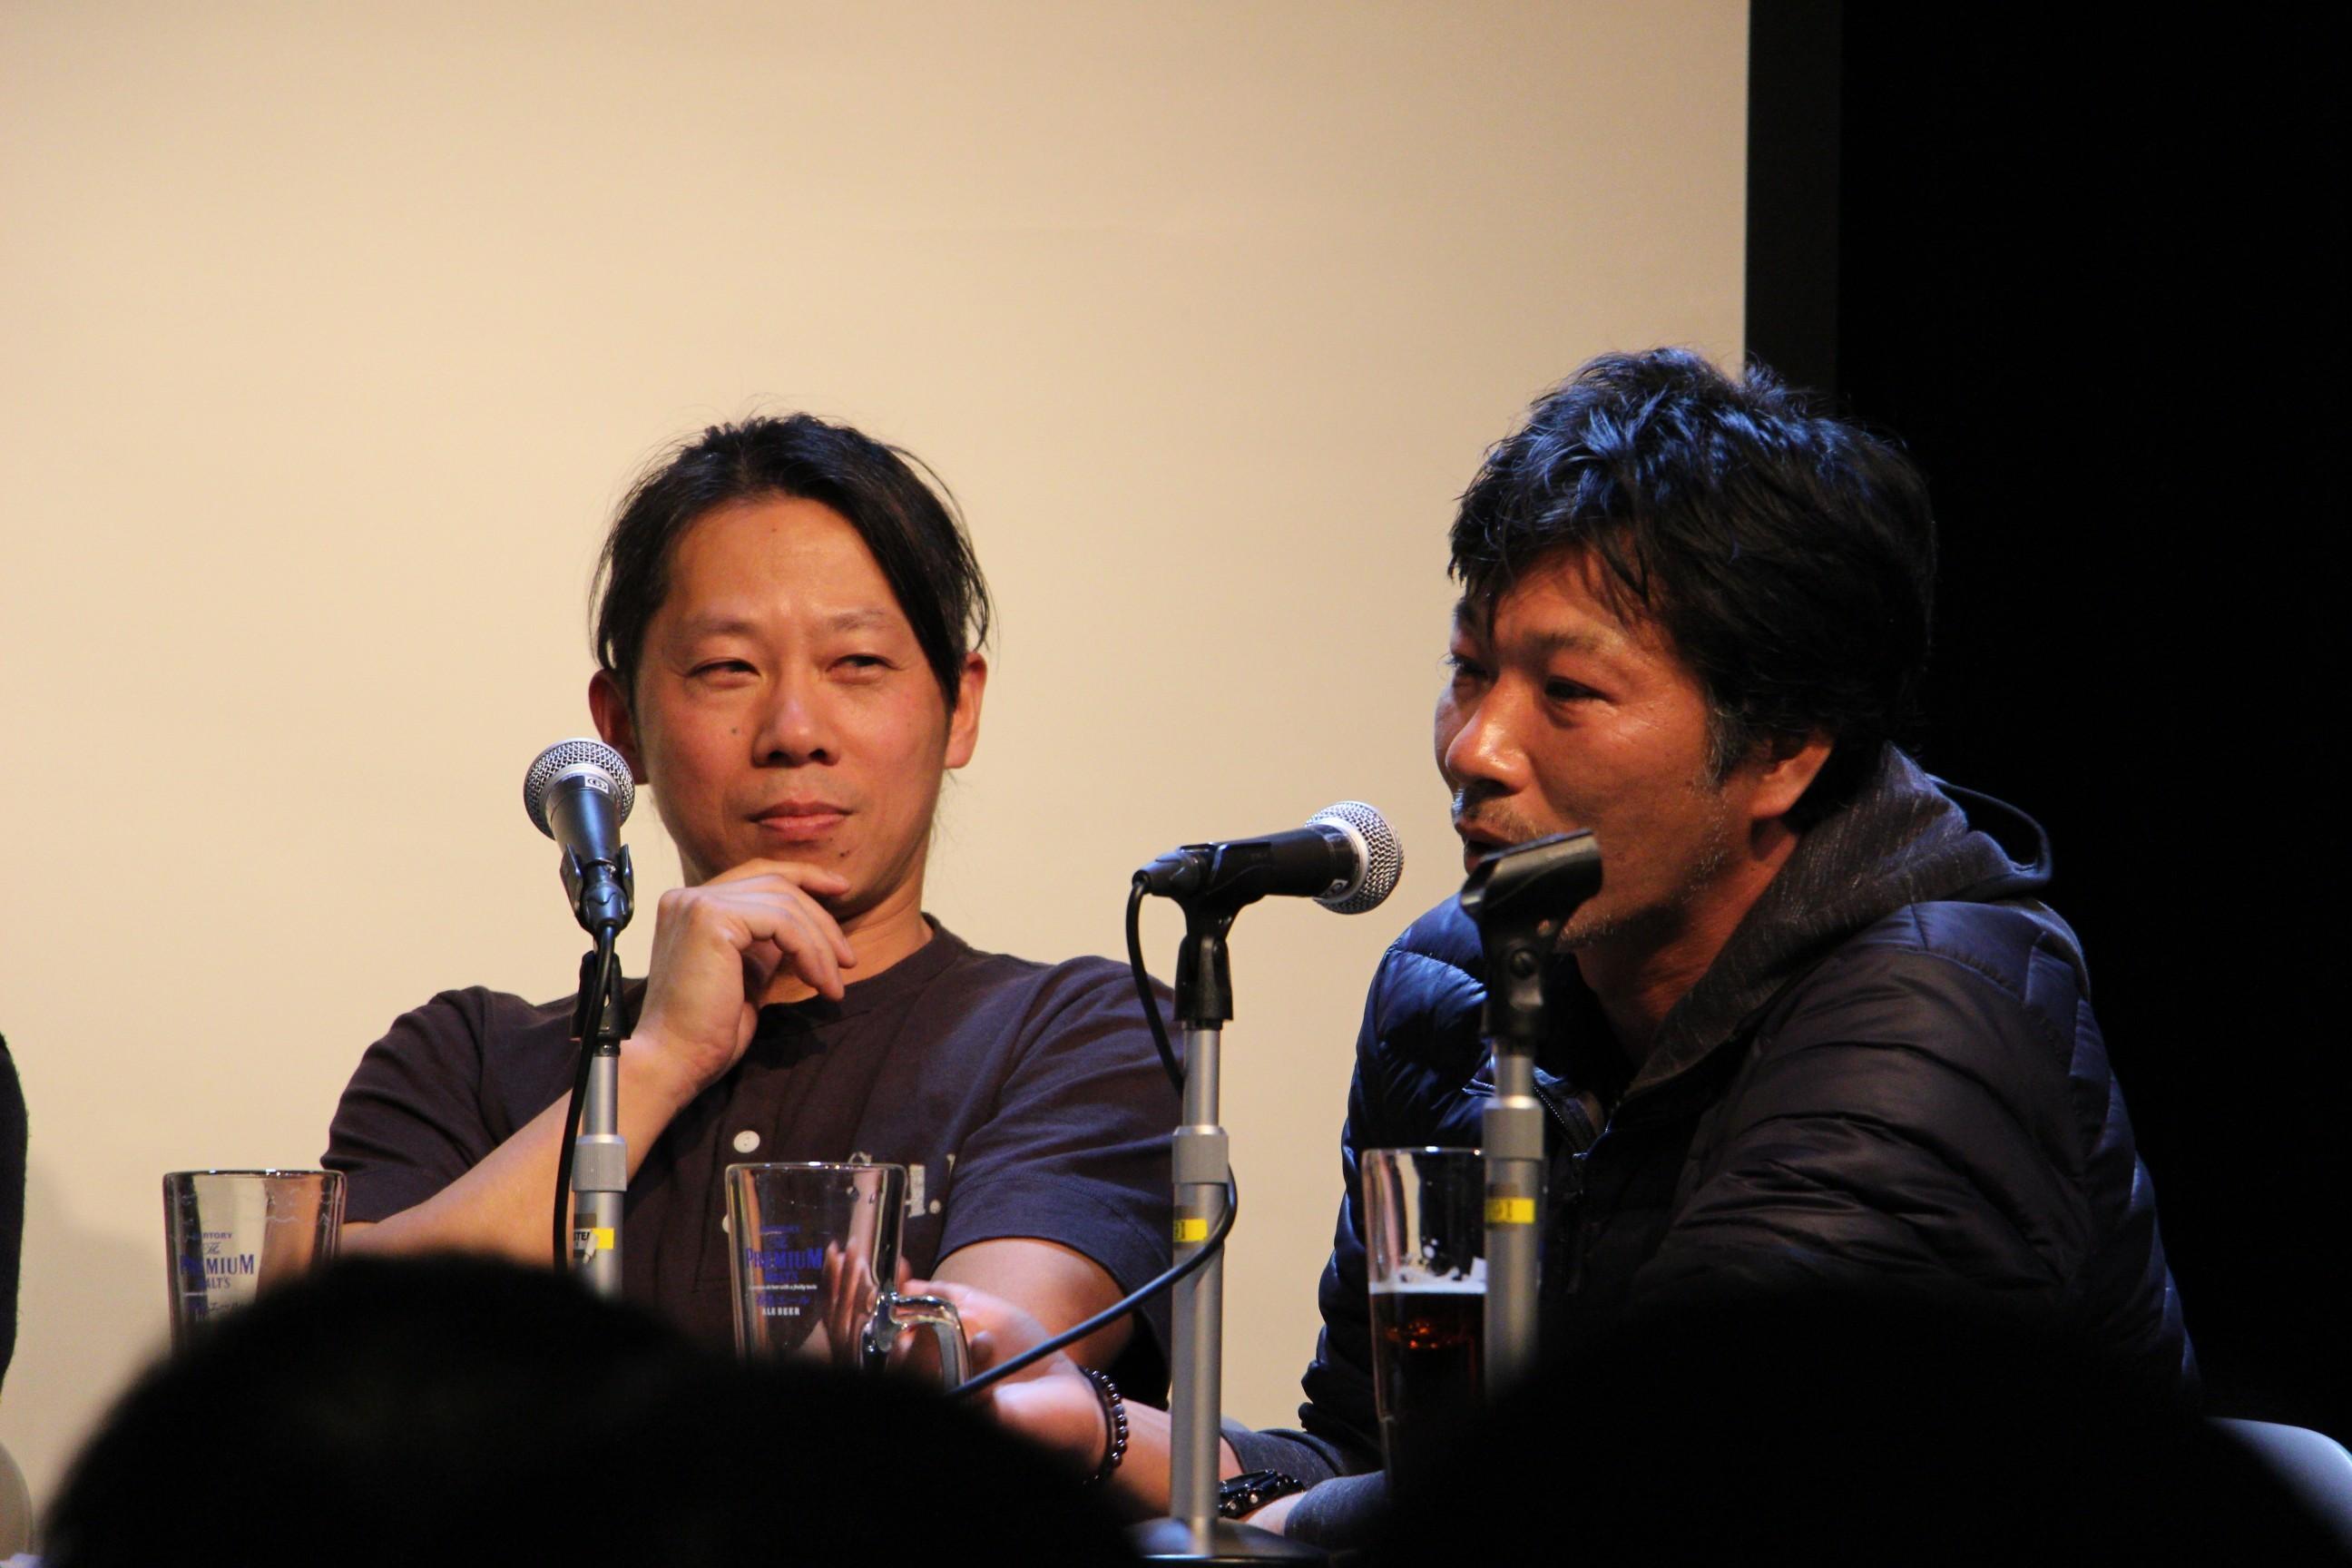 田渕景也(右)